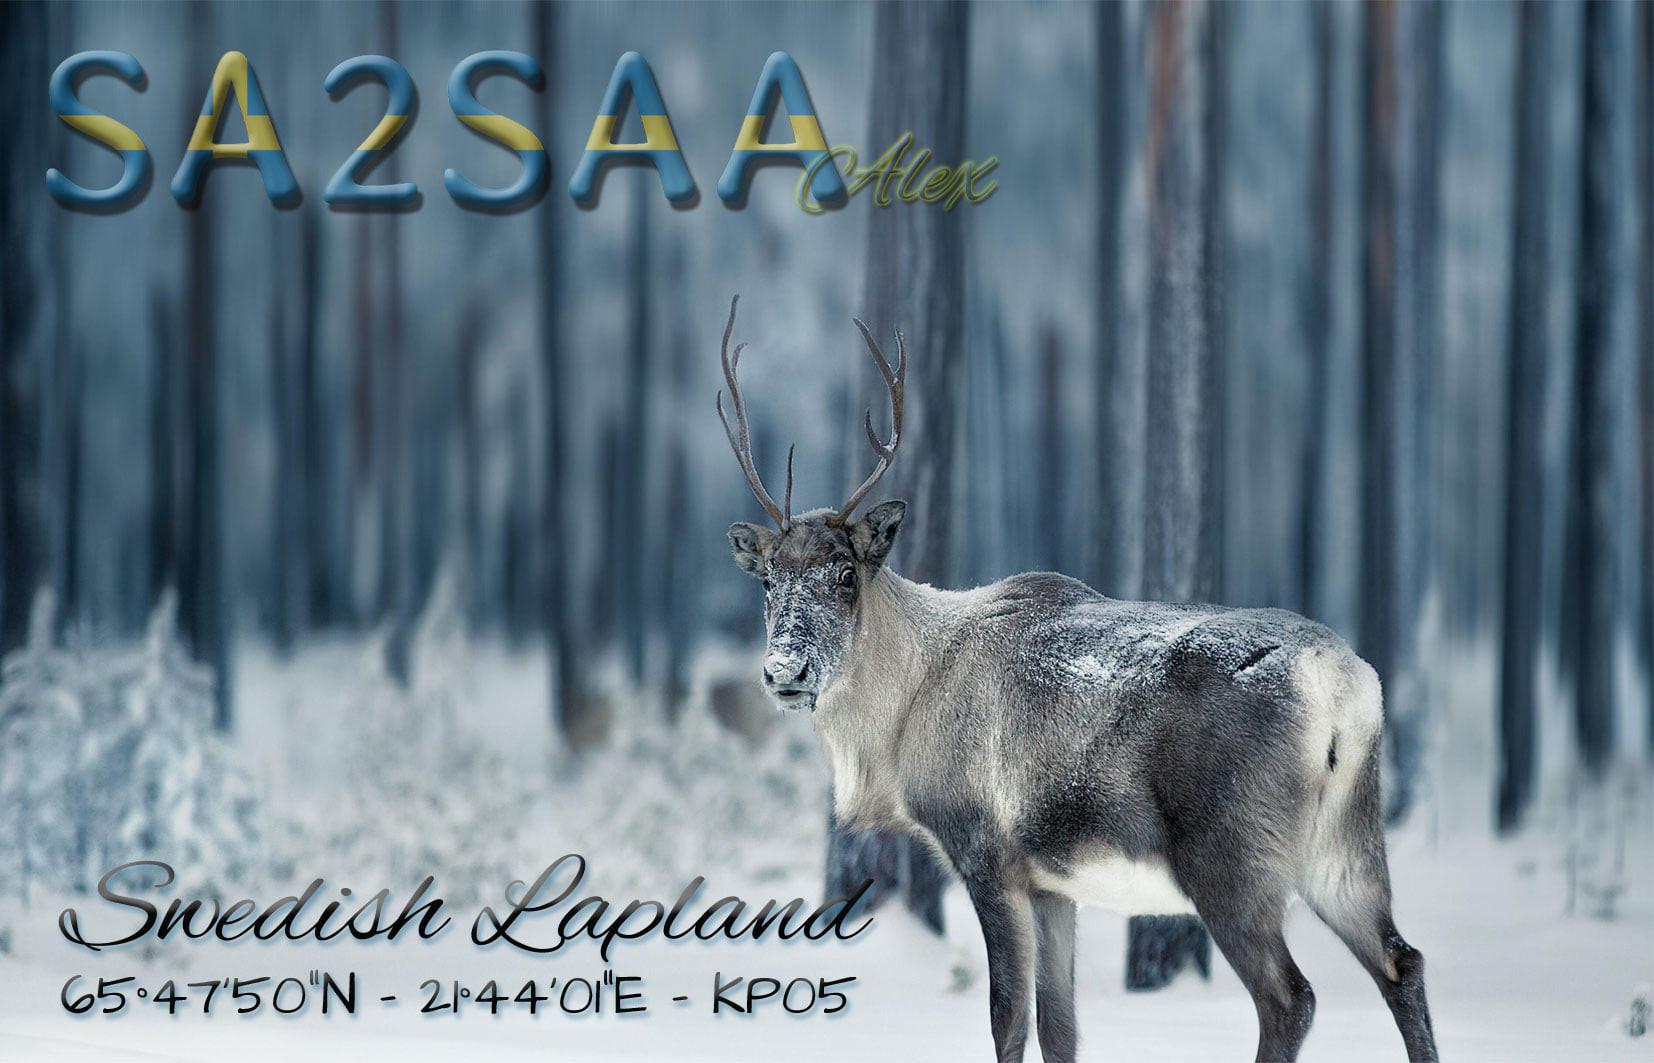 SA2SAA Boden, Sweden QSL Card